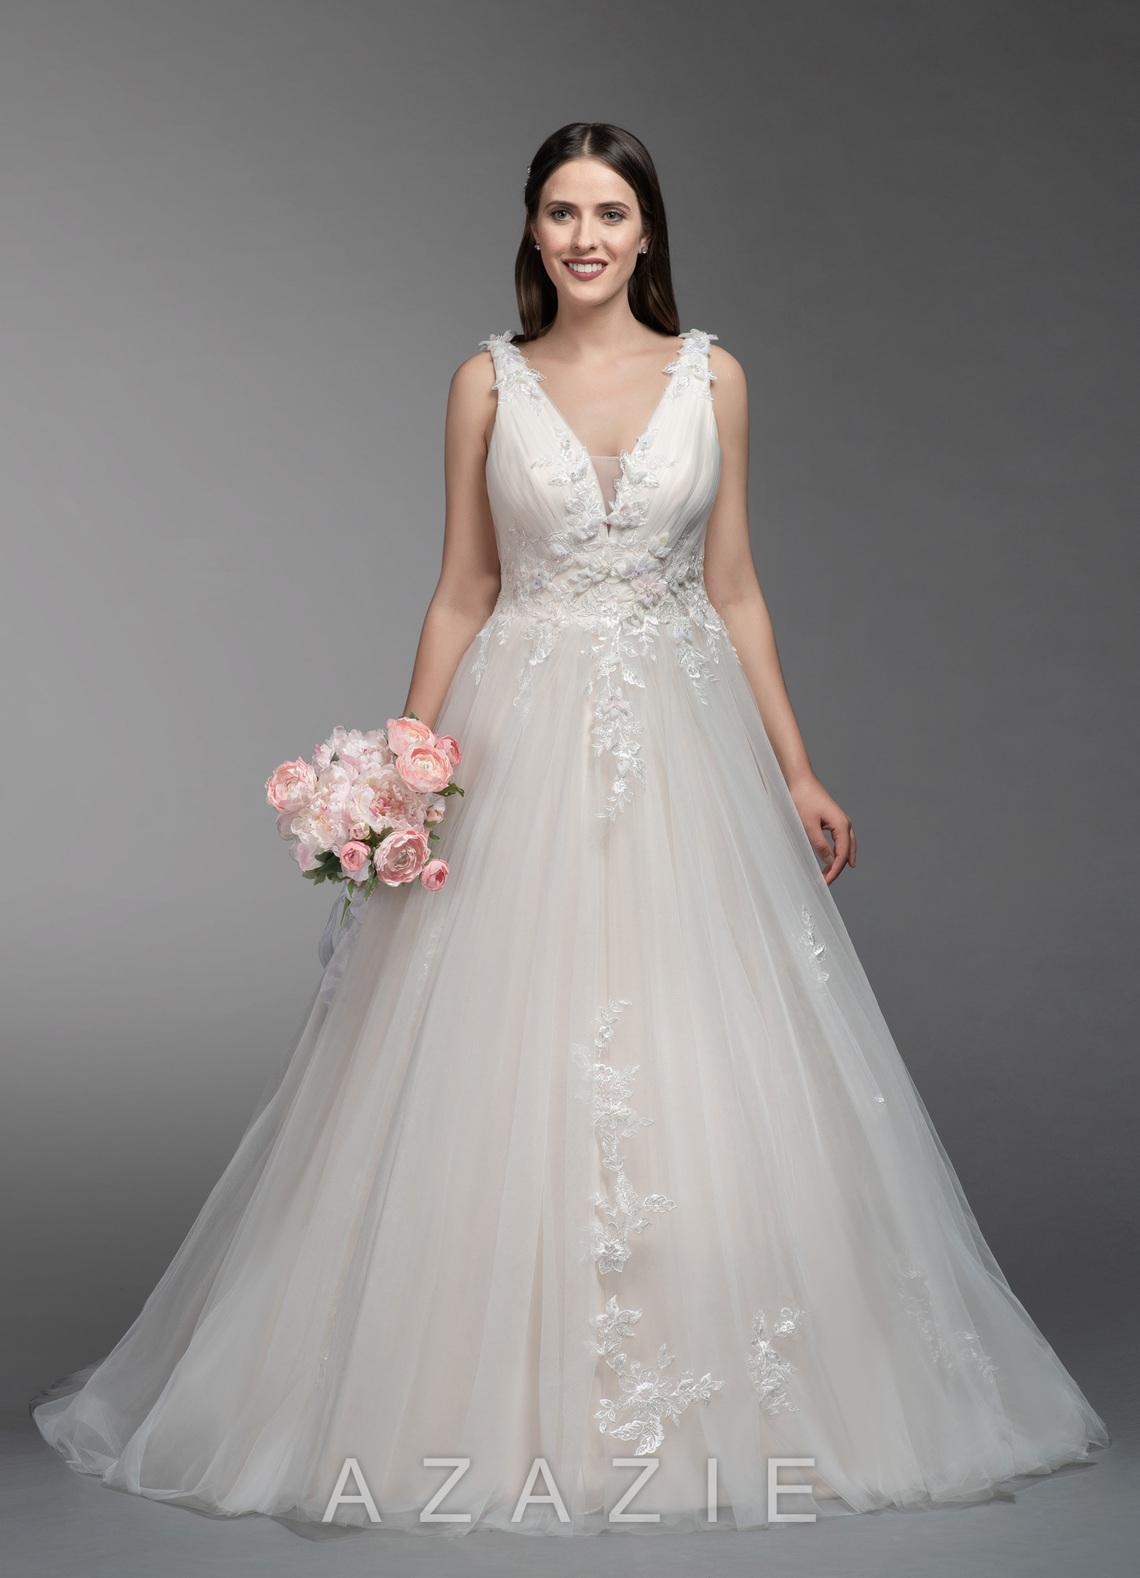 80bd8254eeb7 Azazie Gisele BG Wedding Dress | Azazie